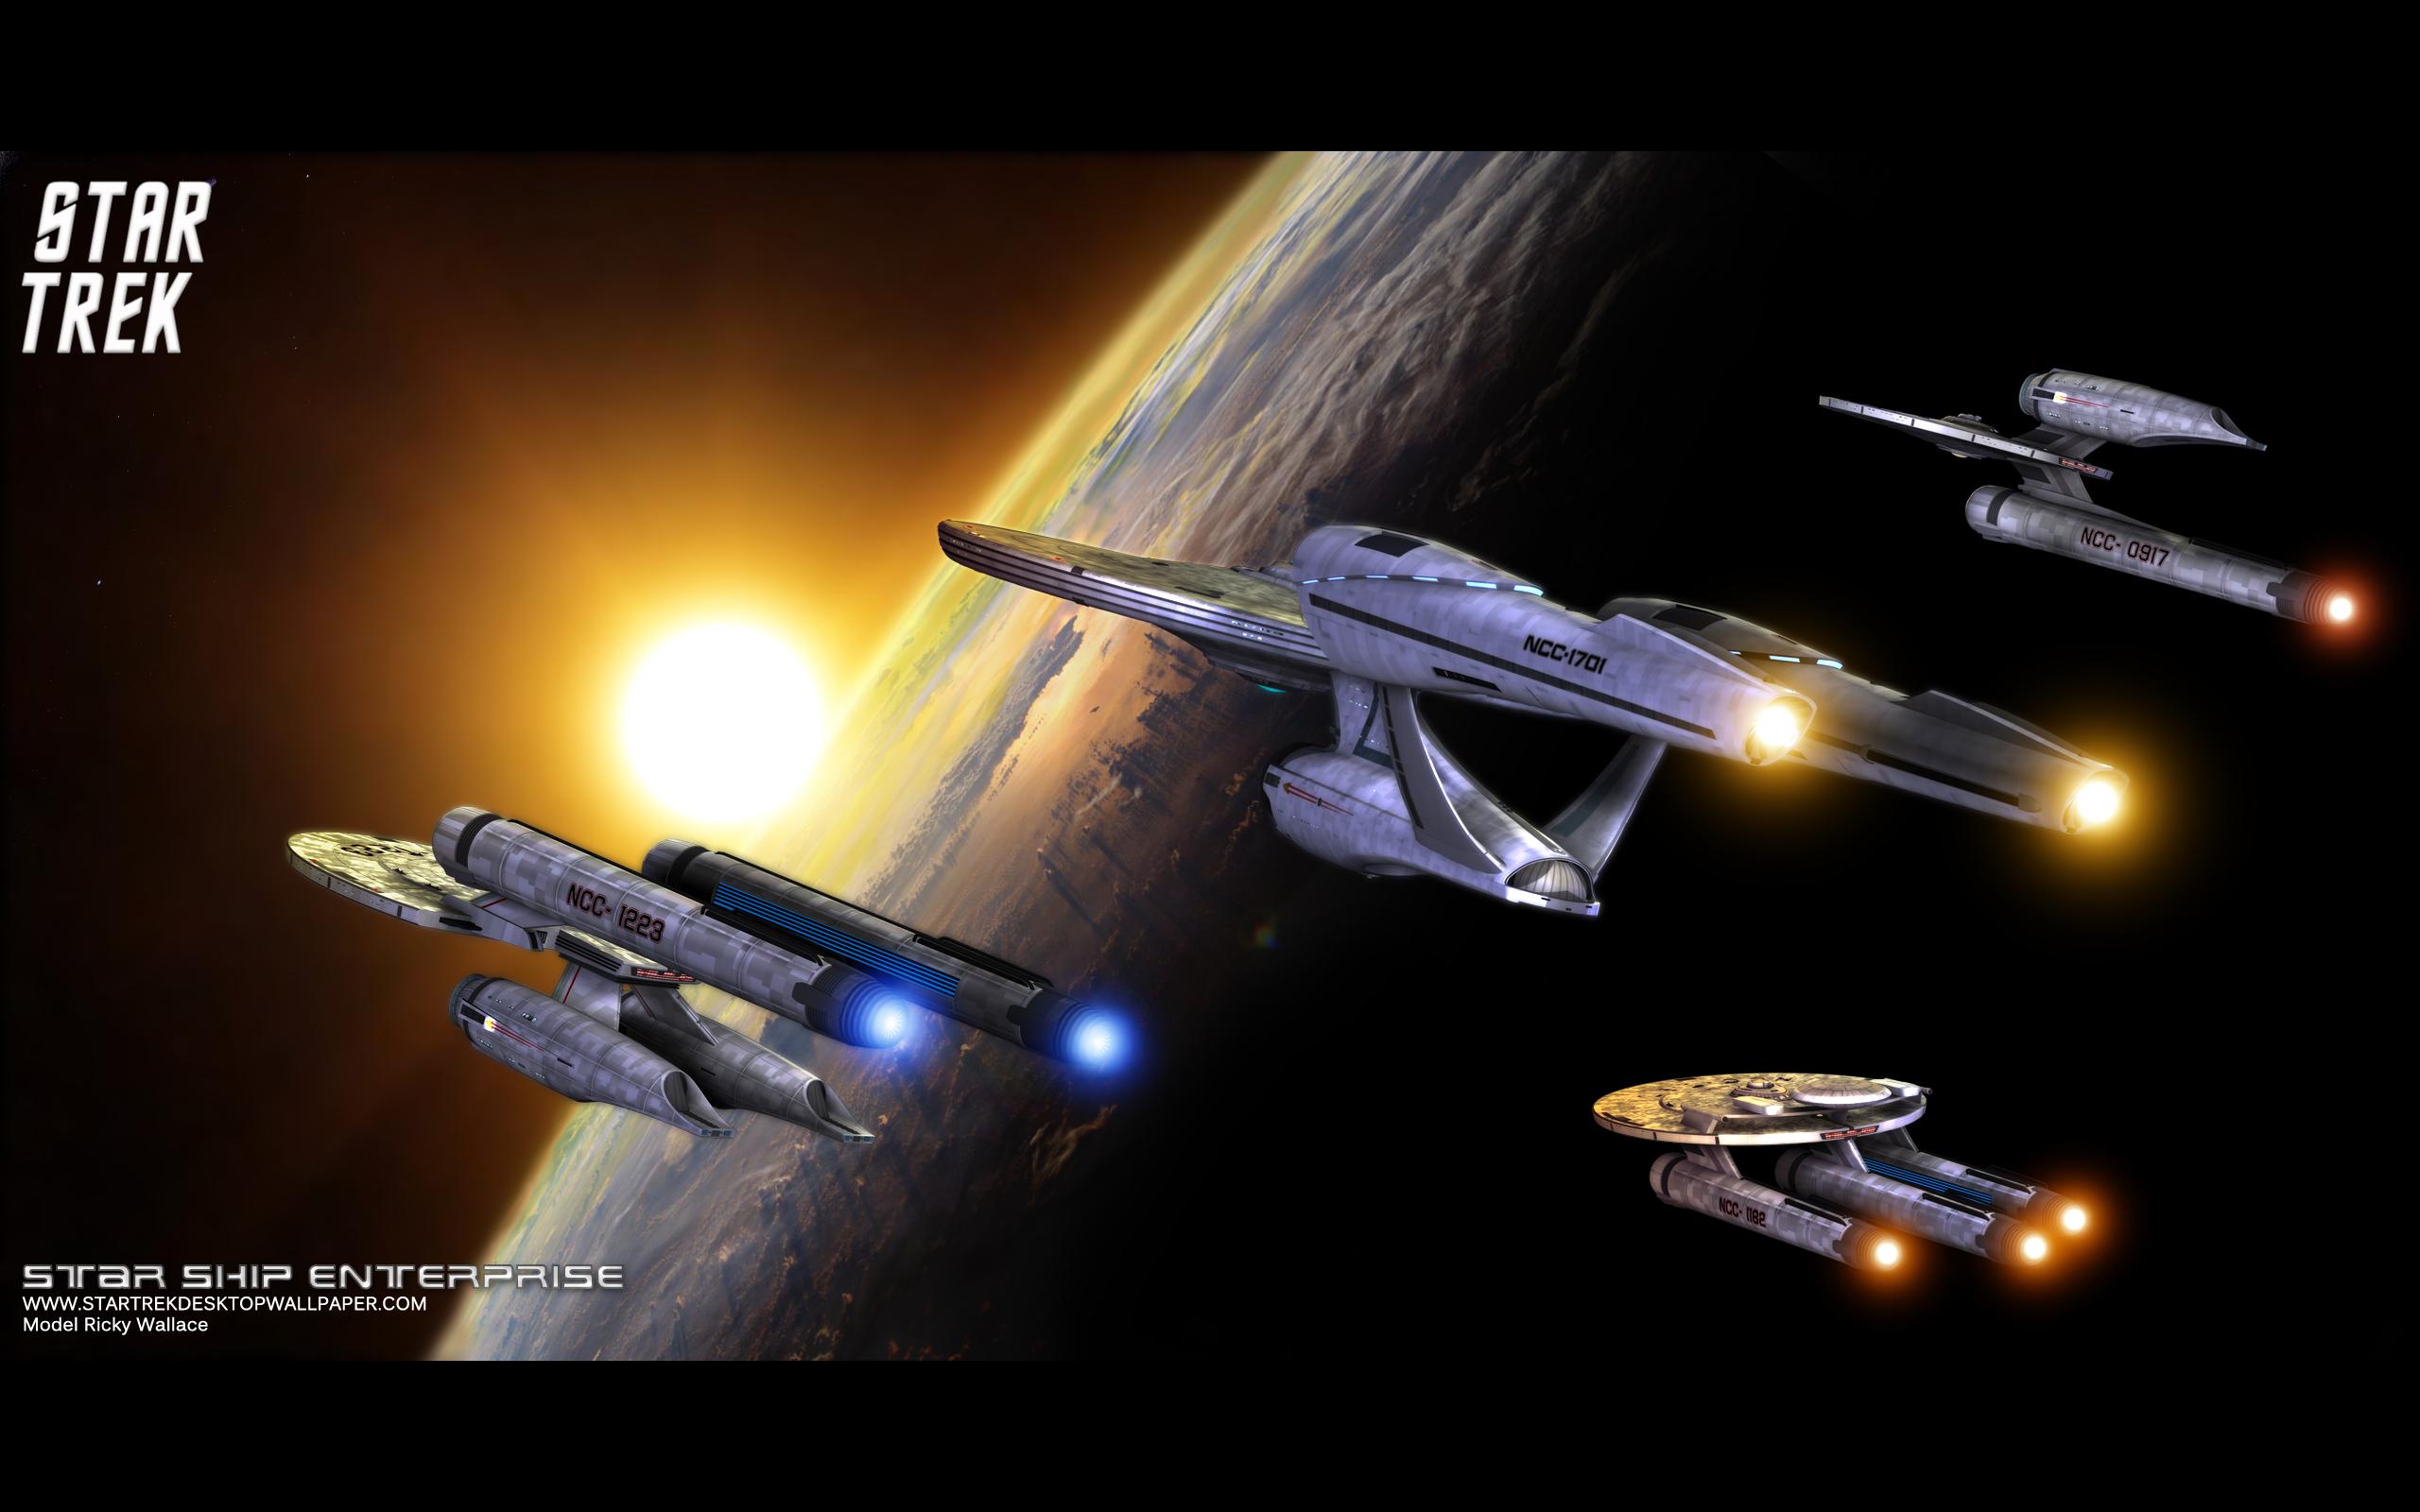 Star Trek Ship Wallpapers: Free Star Trek Wallpapers And Screensavers